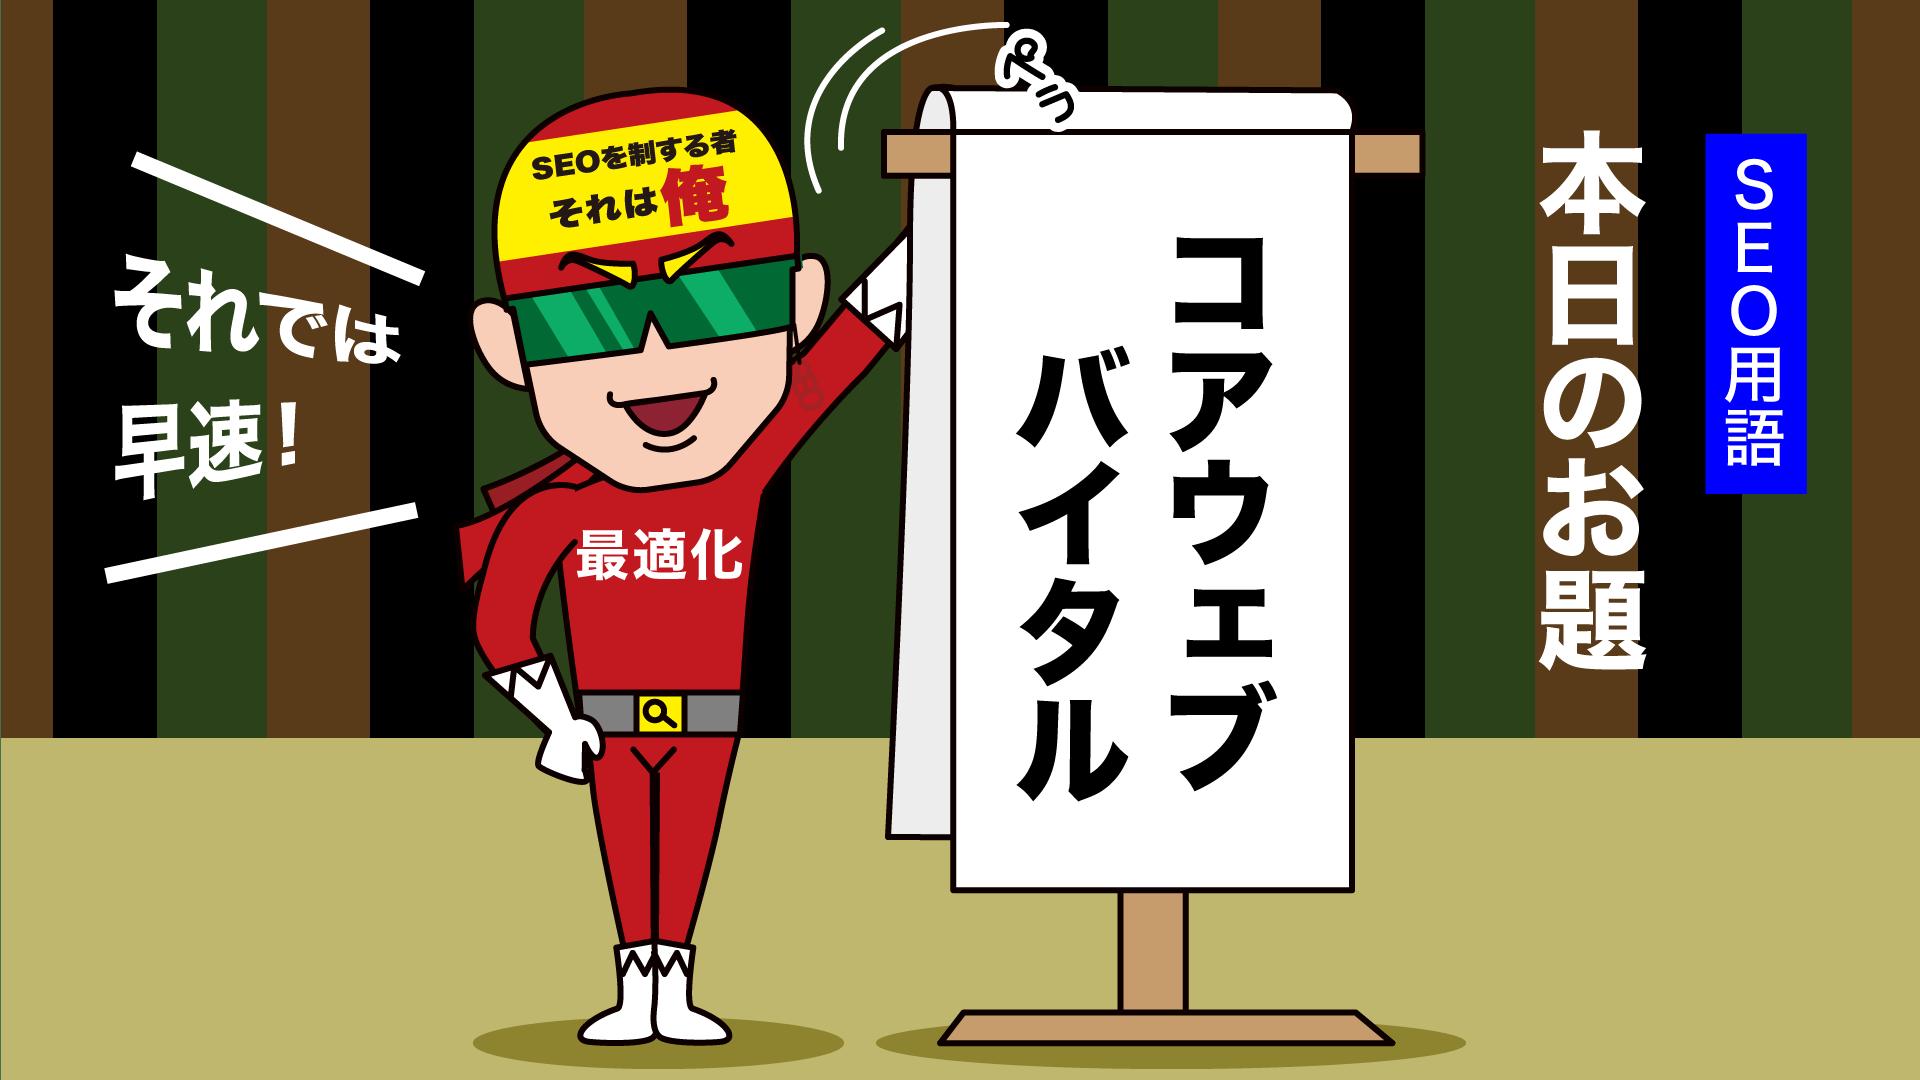 コアウェブバイタル①‐漫画SEO用語集⑧